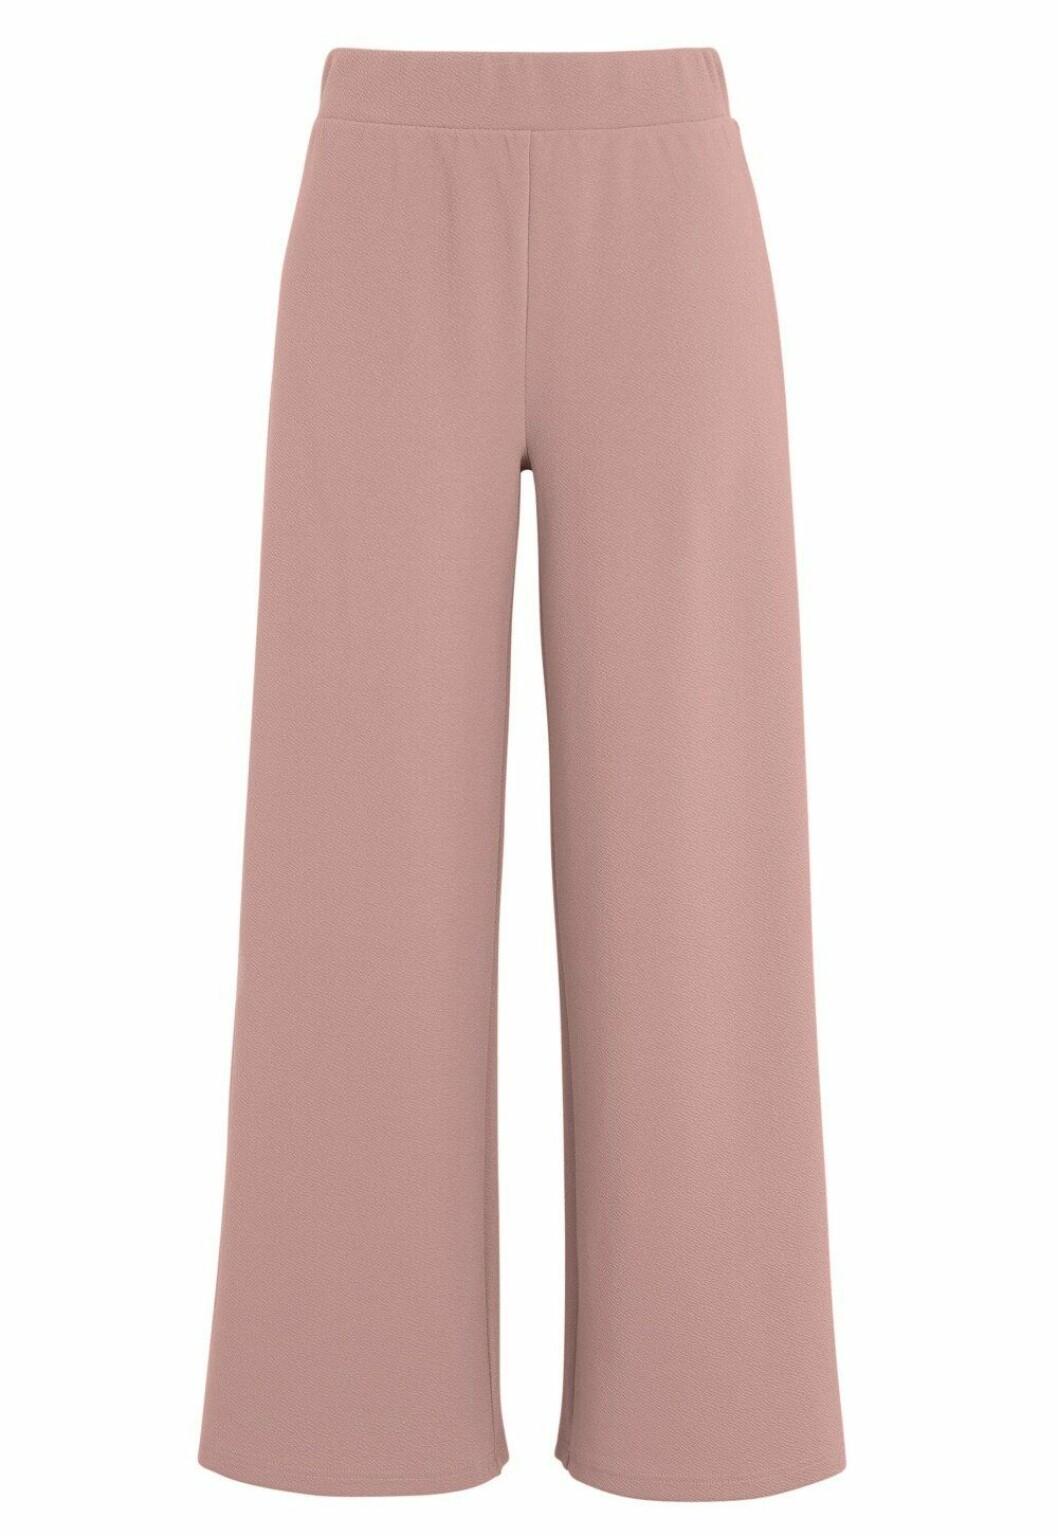 Matchande set: Rosa byxor för dam